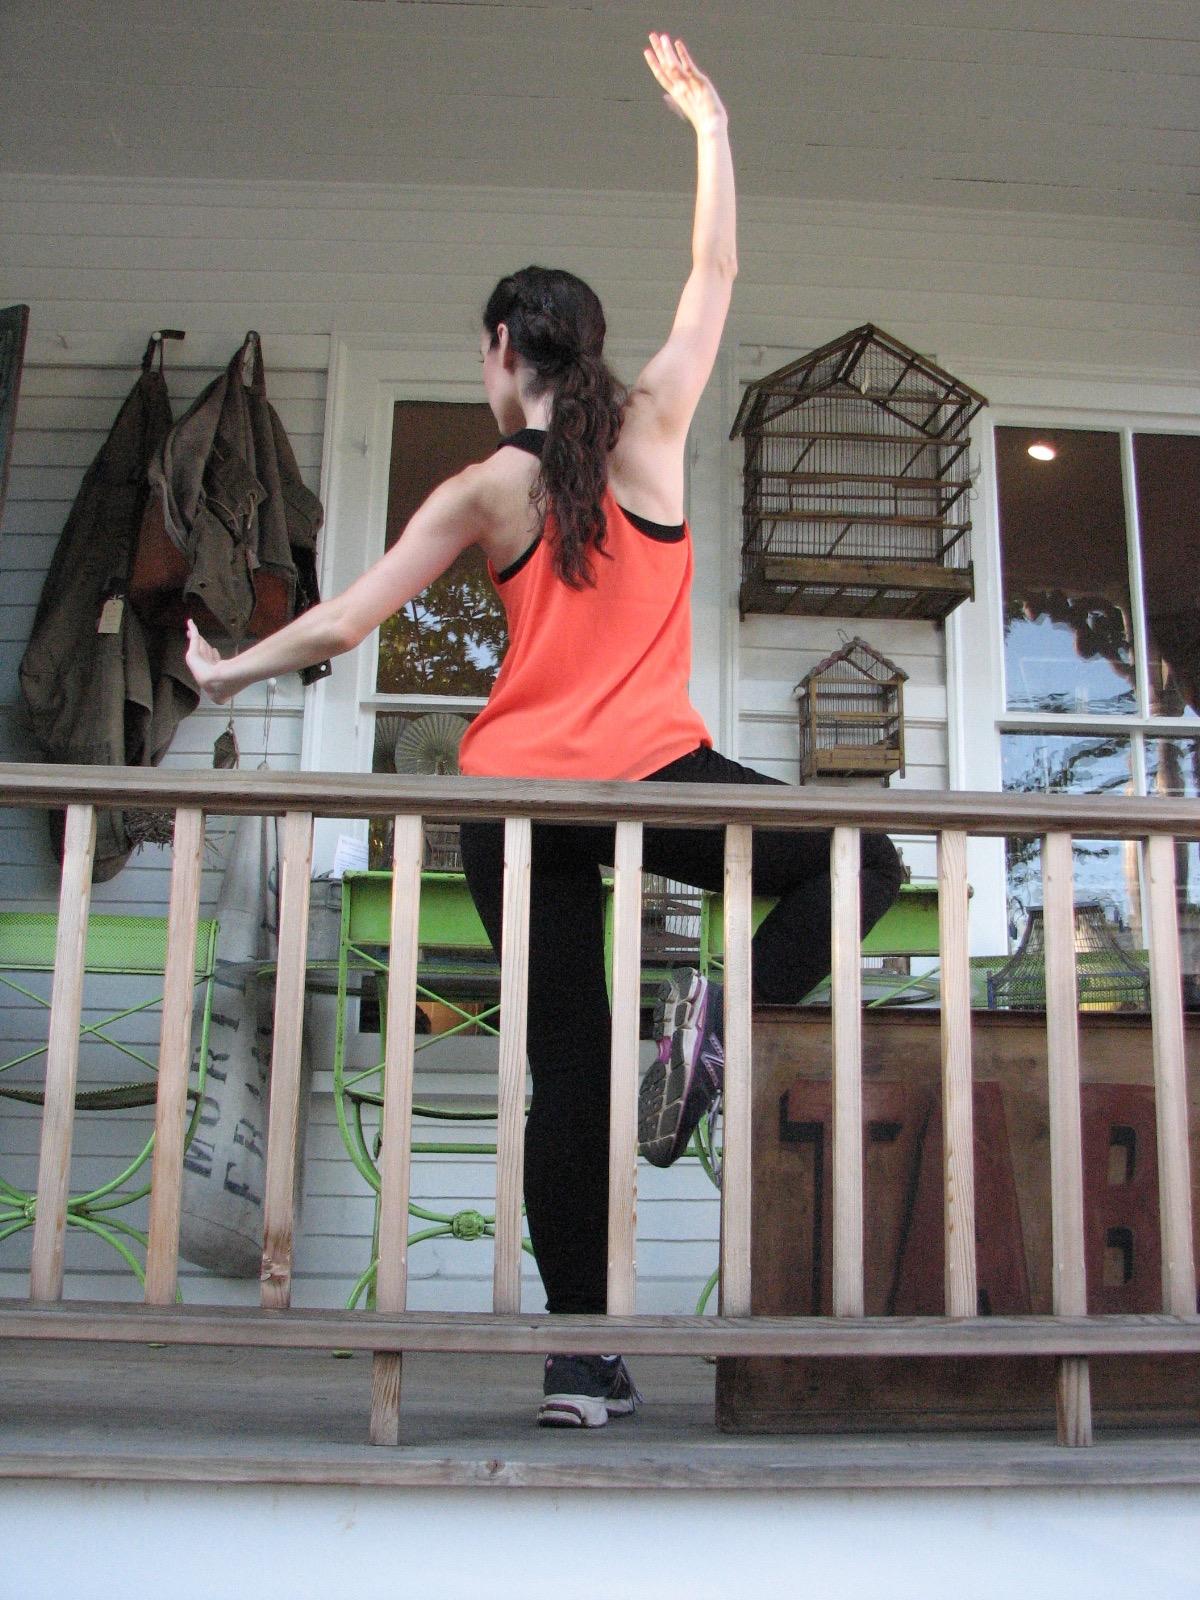 Luminarium Merli on porch (rear).jpg